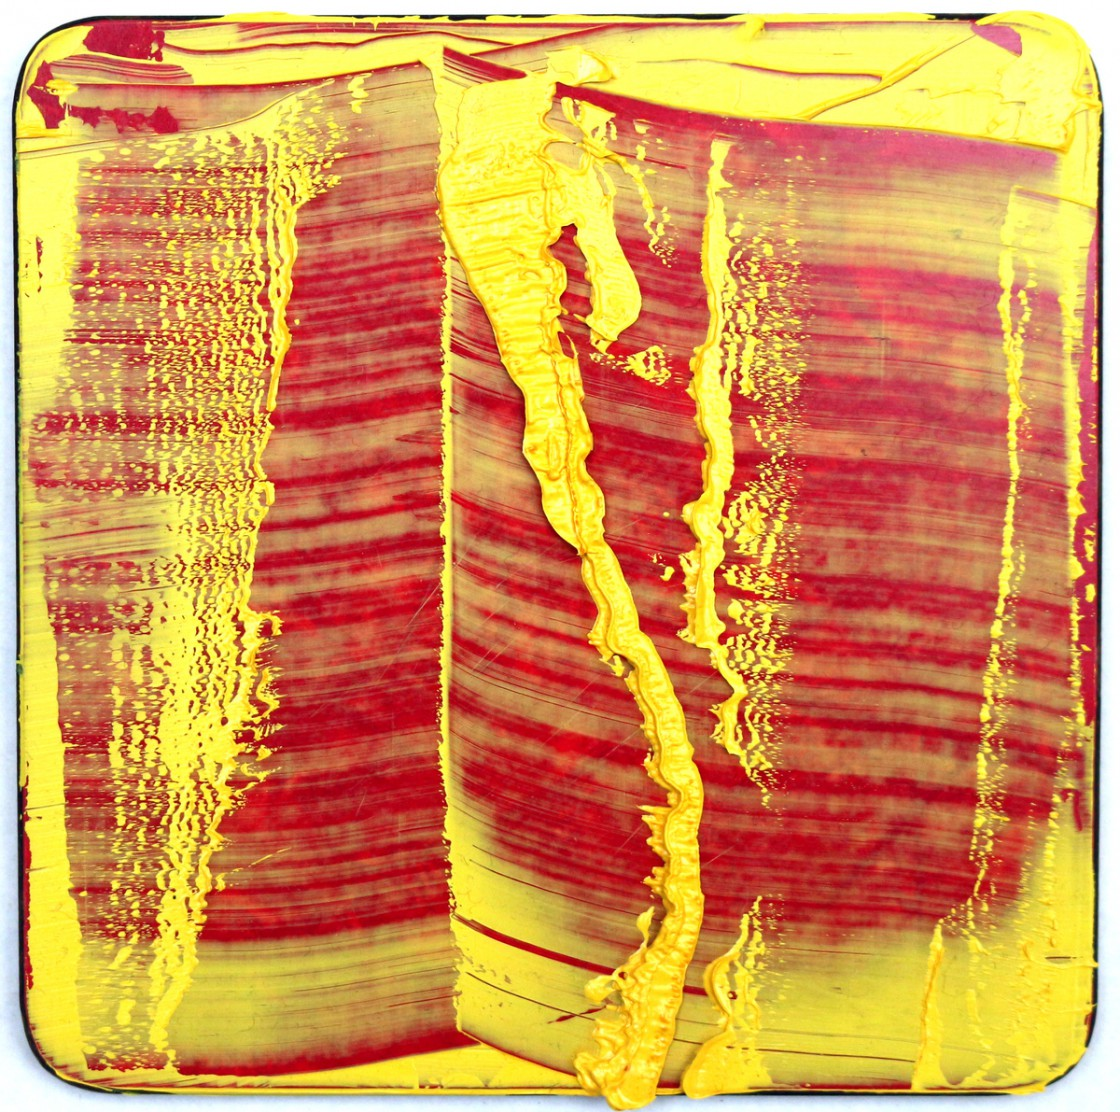 #2 | Olie på smørebrædt | 13x13 cm | 2011